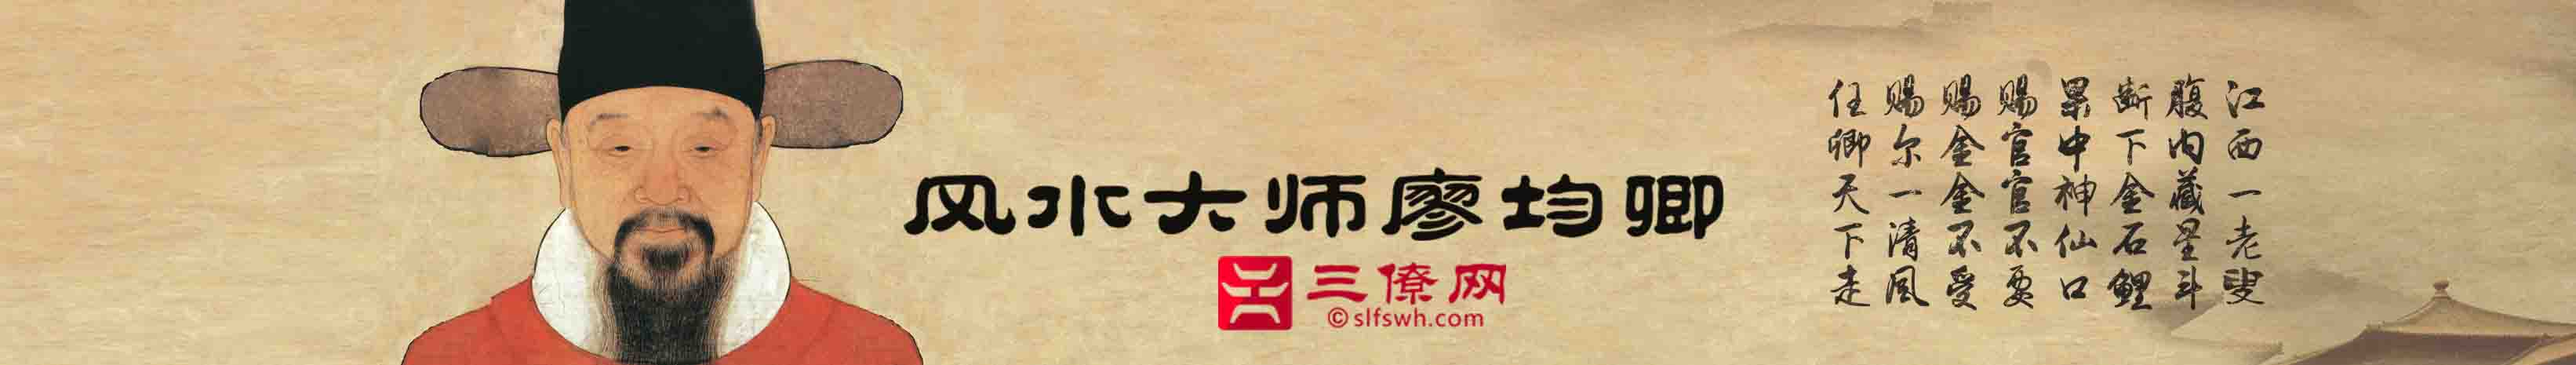 杨公三元风水